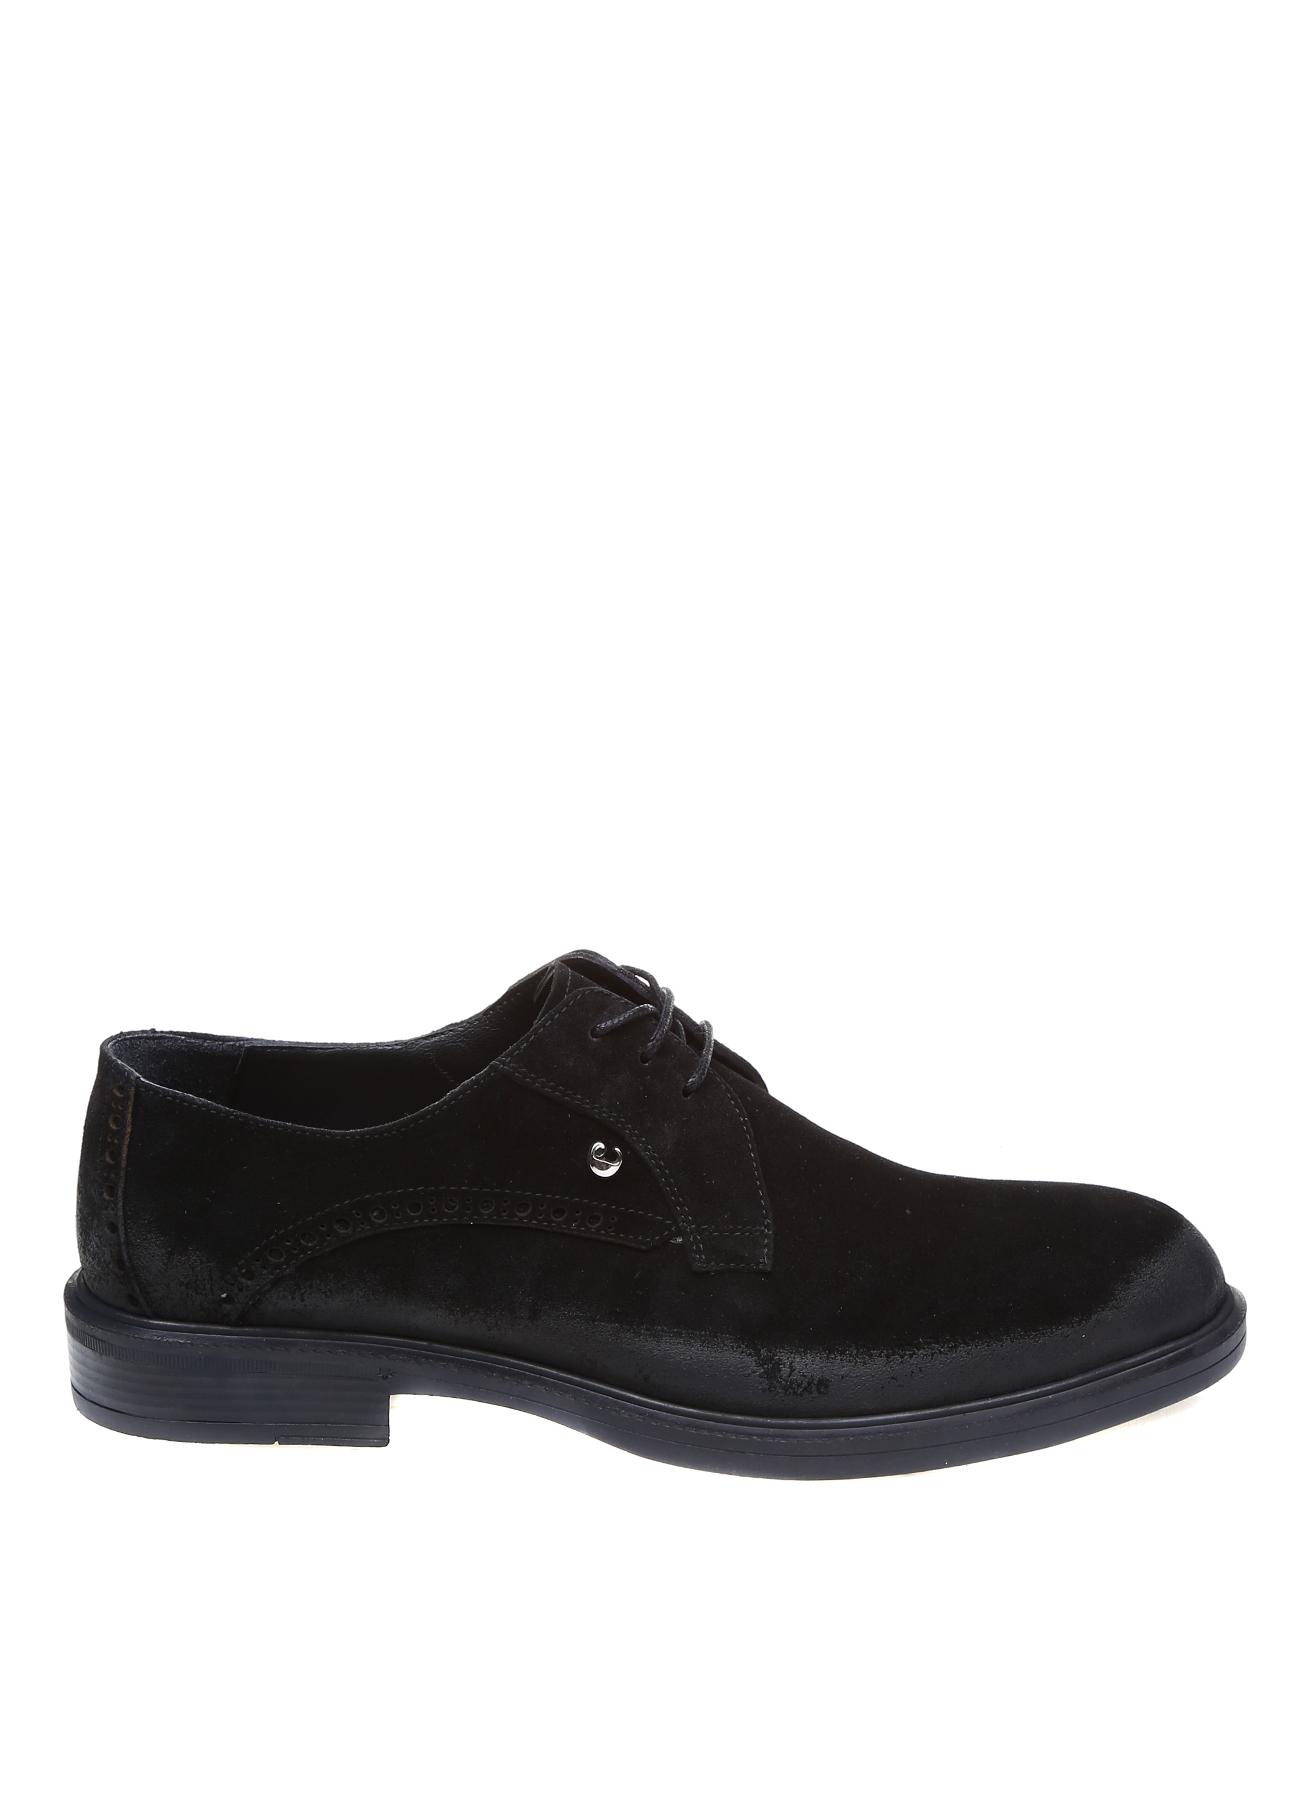 Cacharel Klasik Ayakkabı 40 5001921622001 Ürün Resmi